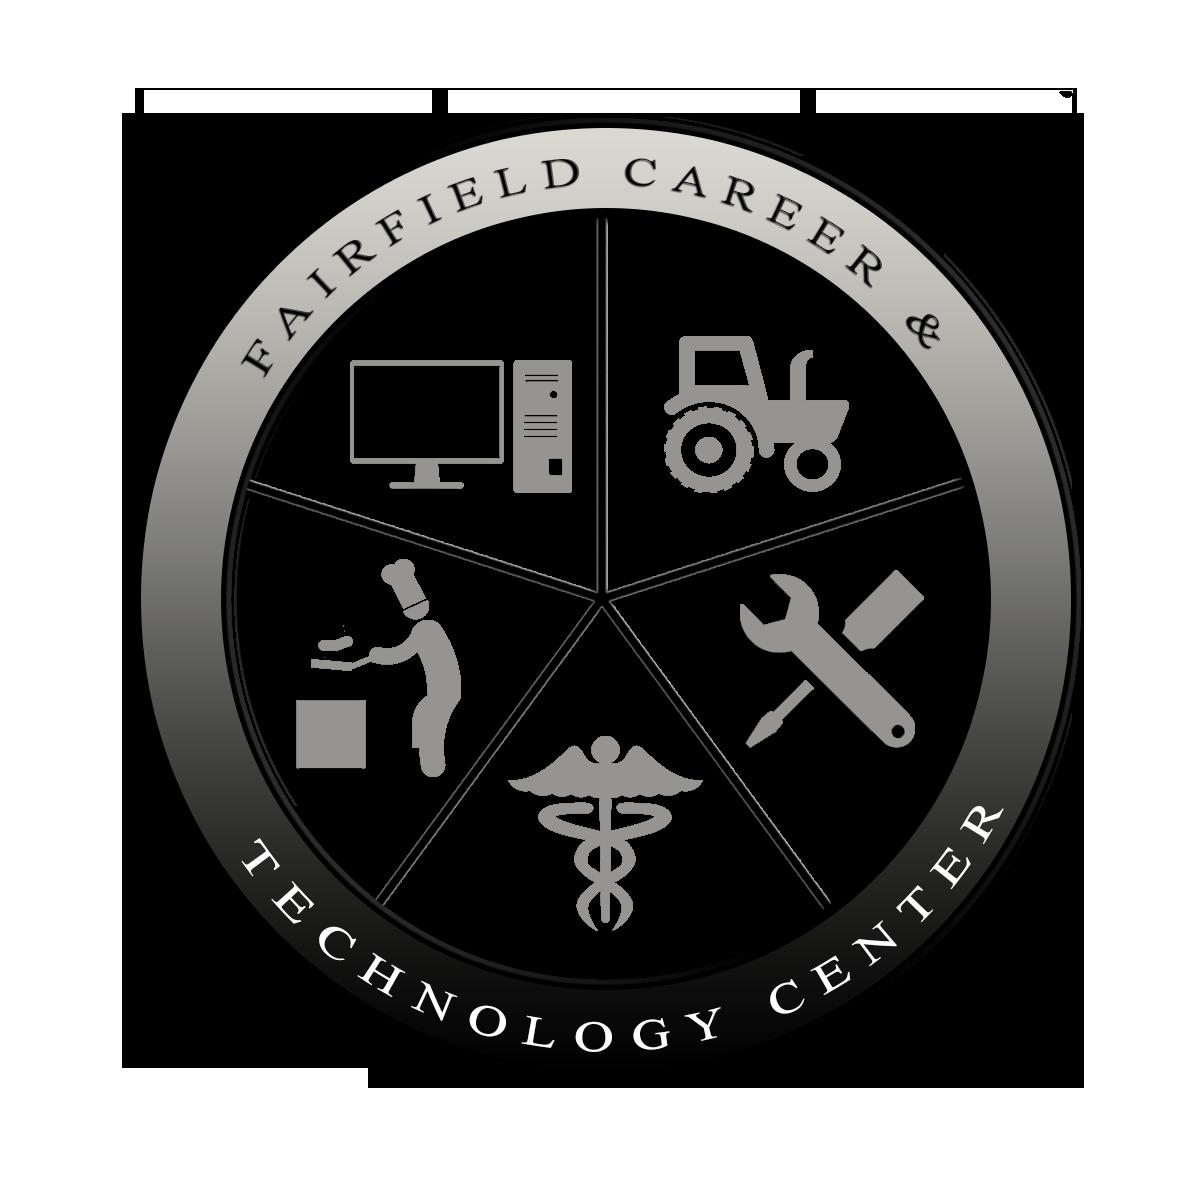 Fairfield Career & Technology Center Logo